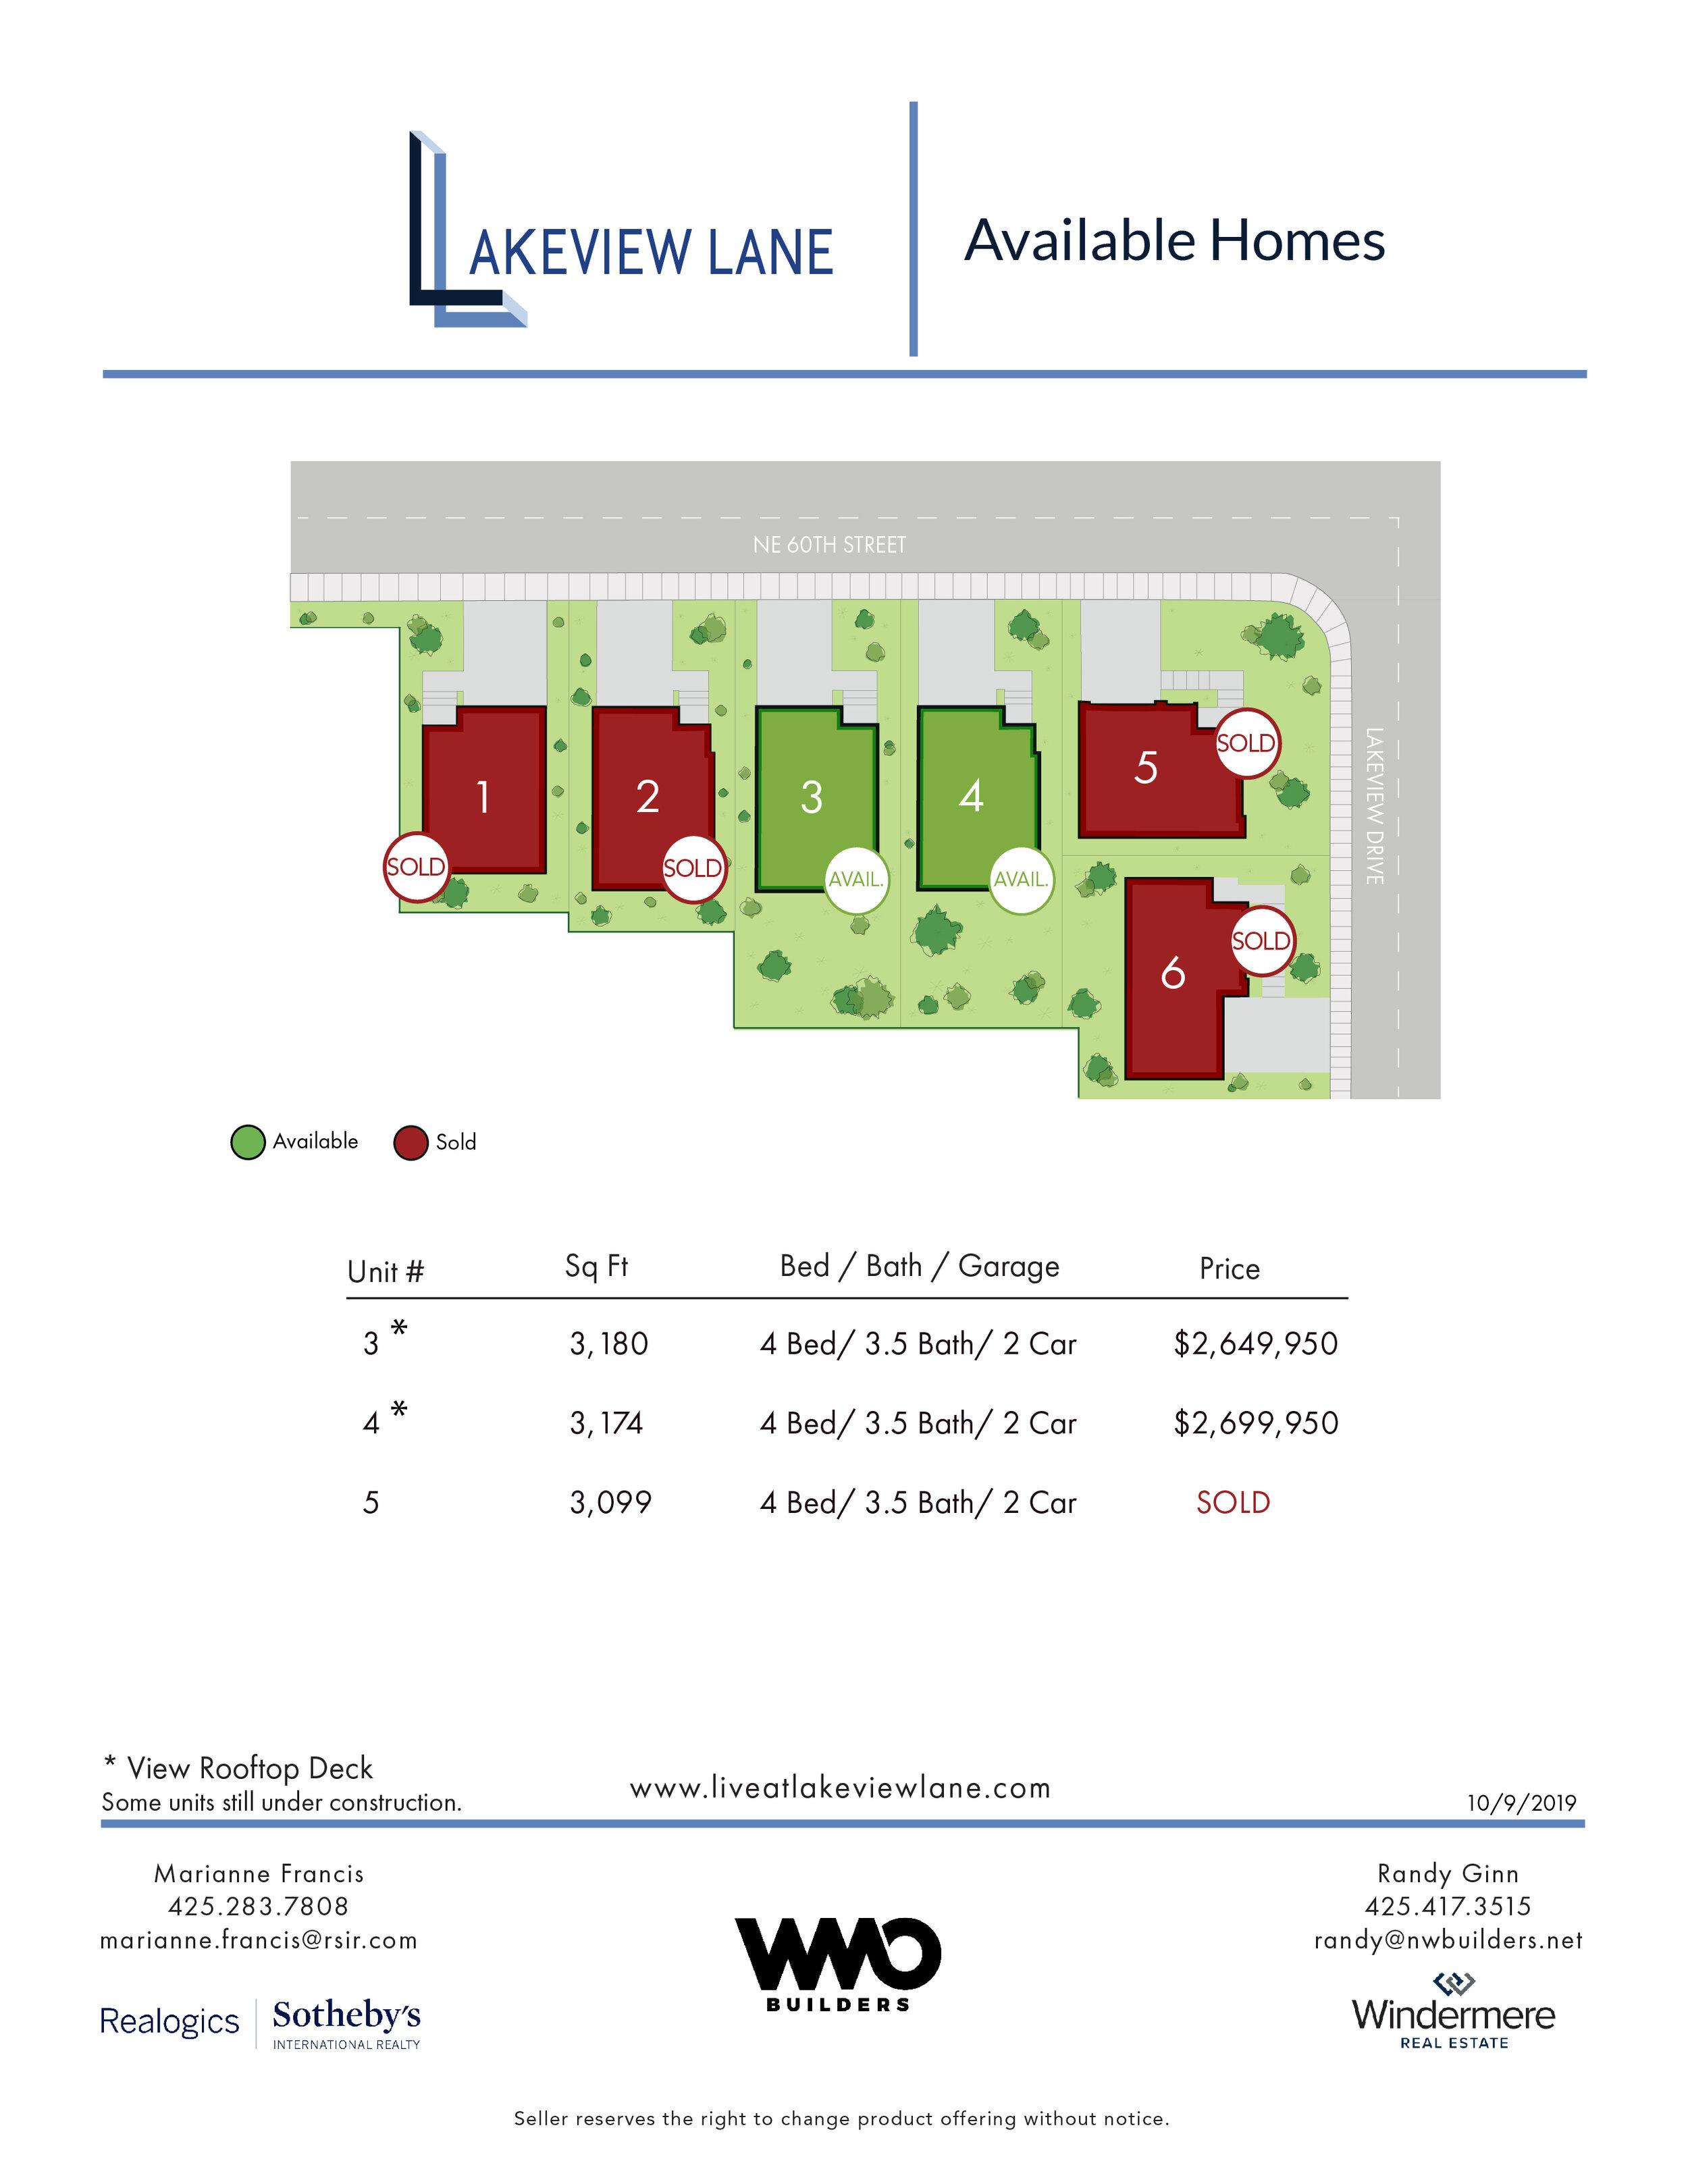 Lakeview lane Price Sheet-01.jpg